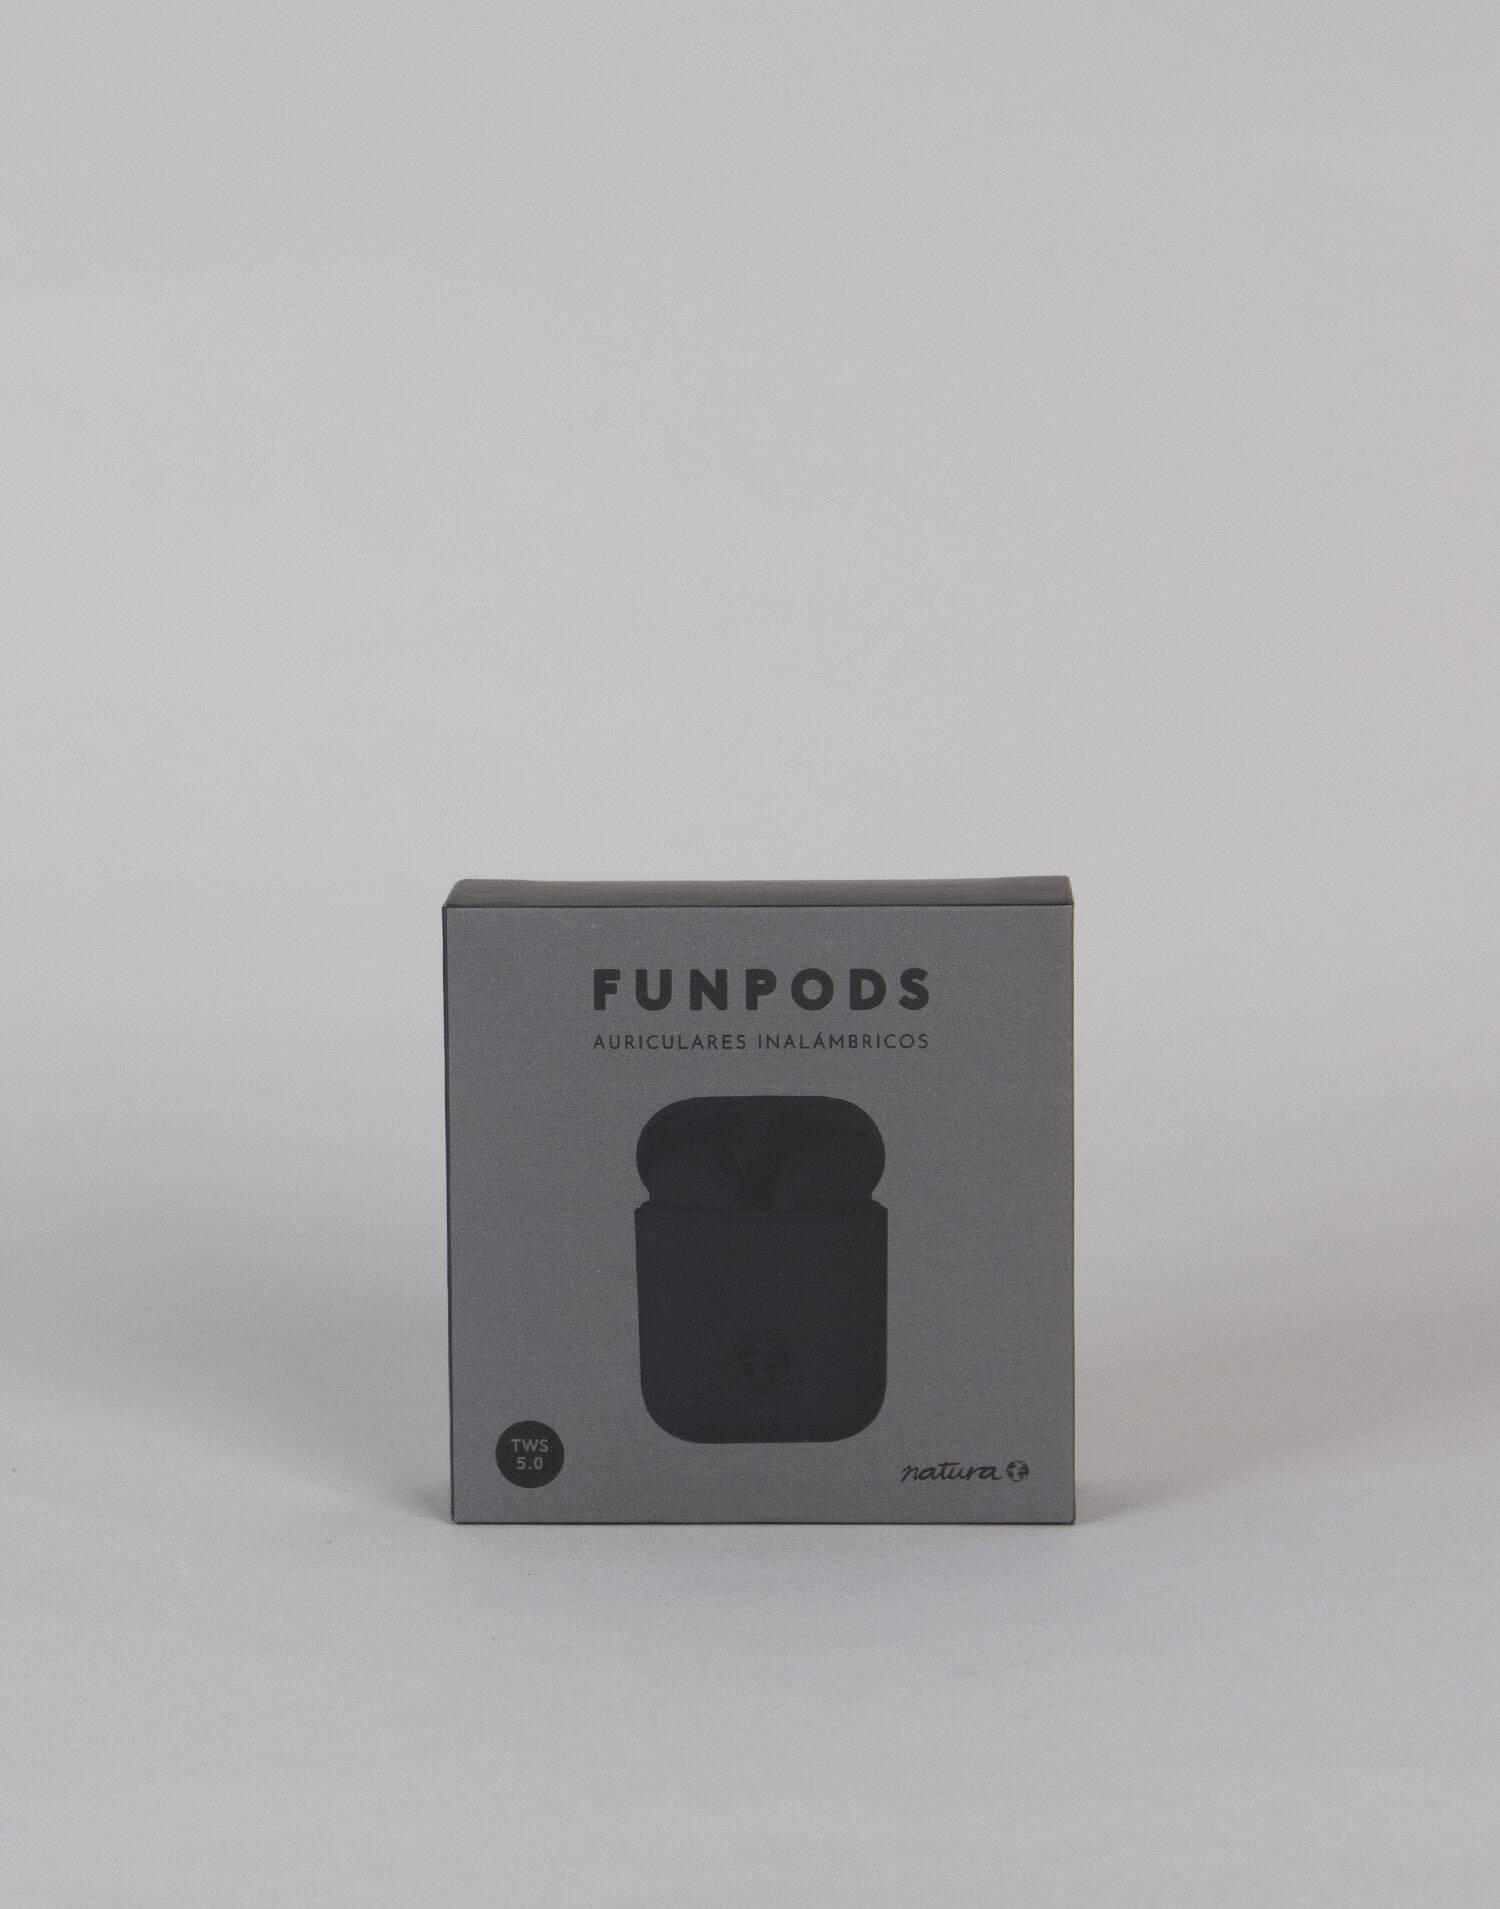 Auricolari senza fili funpods